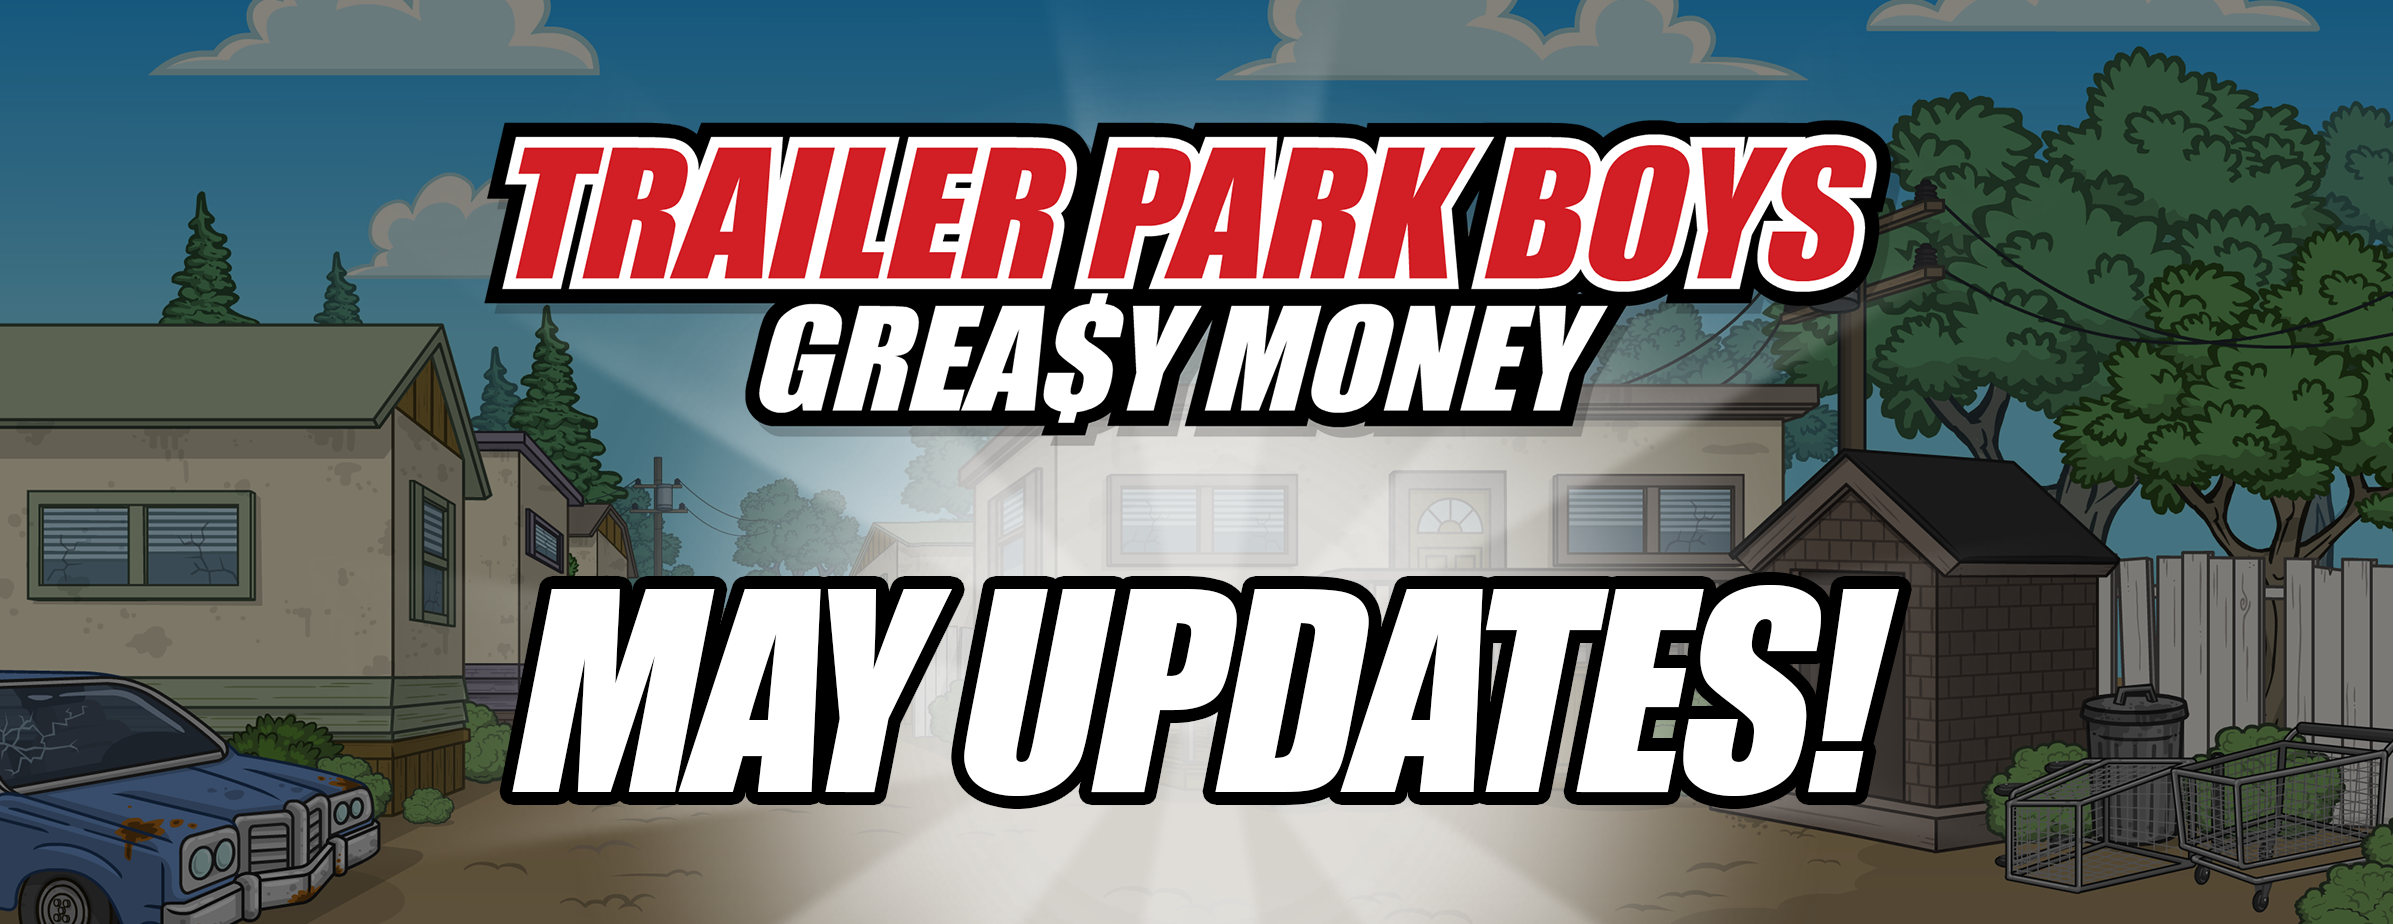 Trailer Park Boys: April  Events!